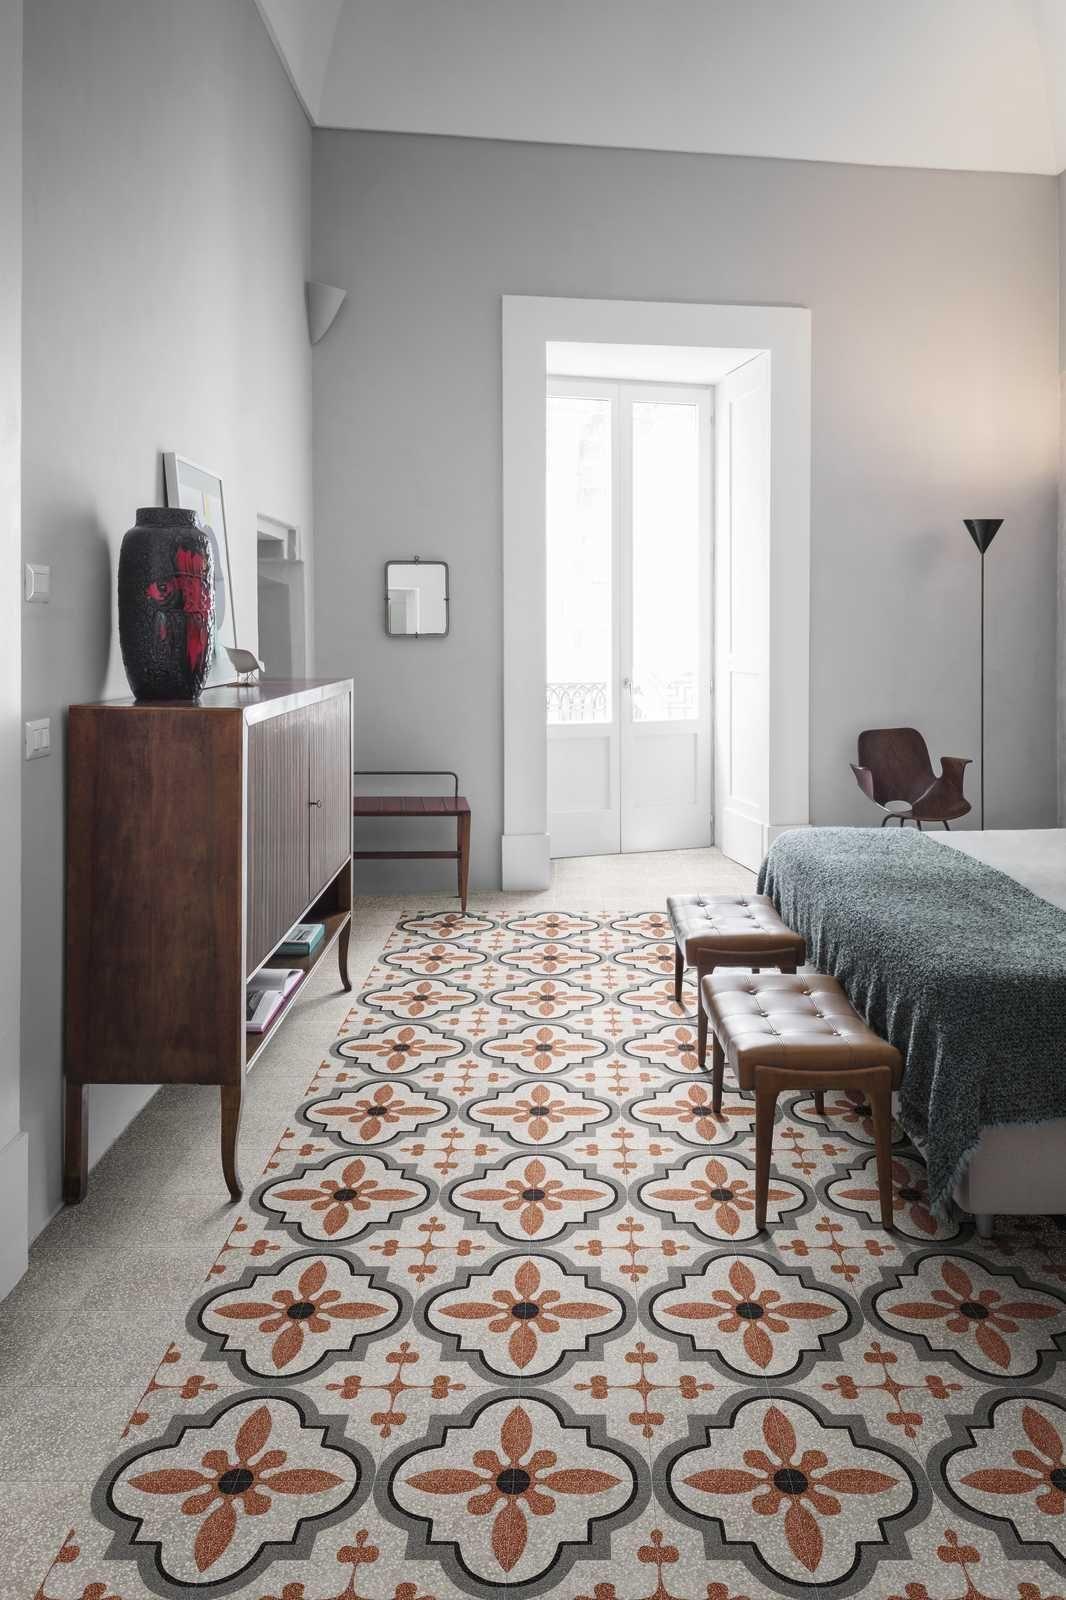 Pin di Monica Pierini su Home sweet home nel 2019 | Arredamento casa ...